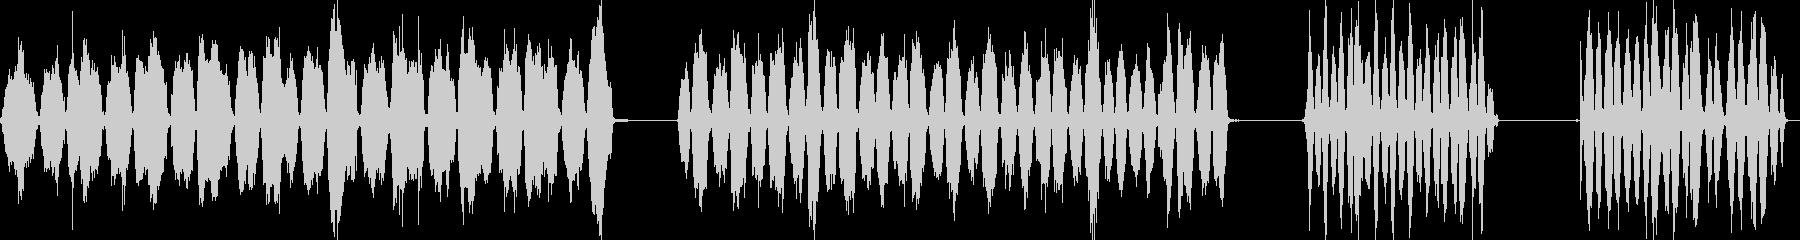 スクラブフロア、スクラブブラシ、4...の未再生の波形